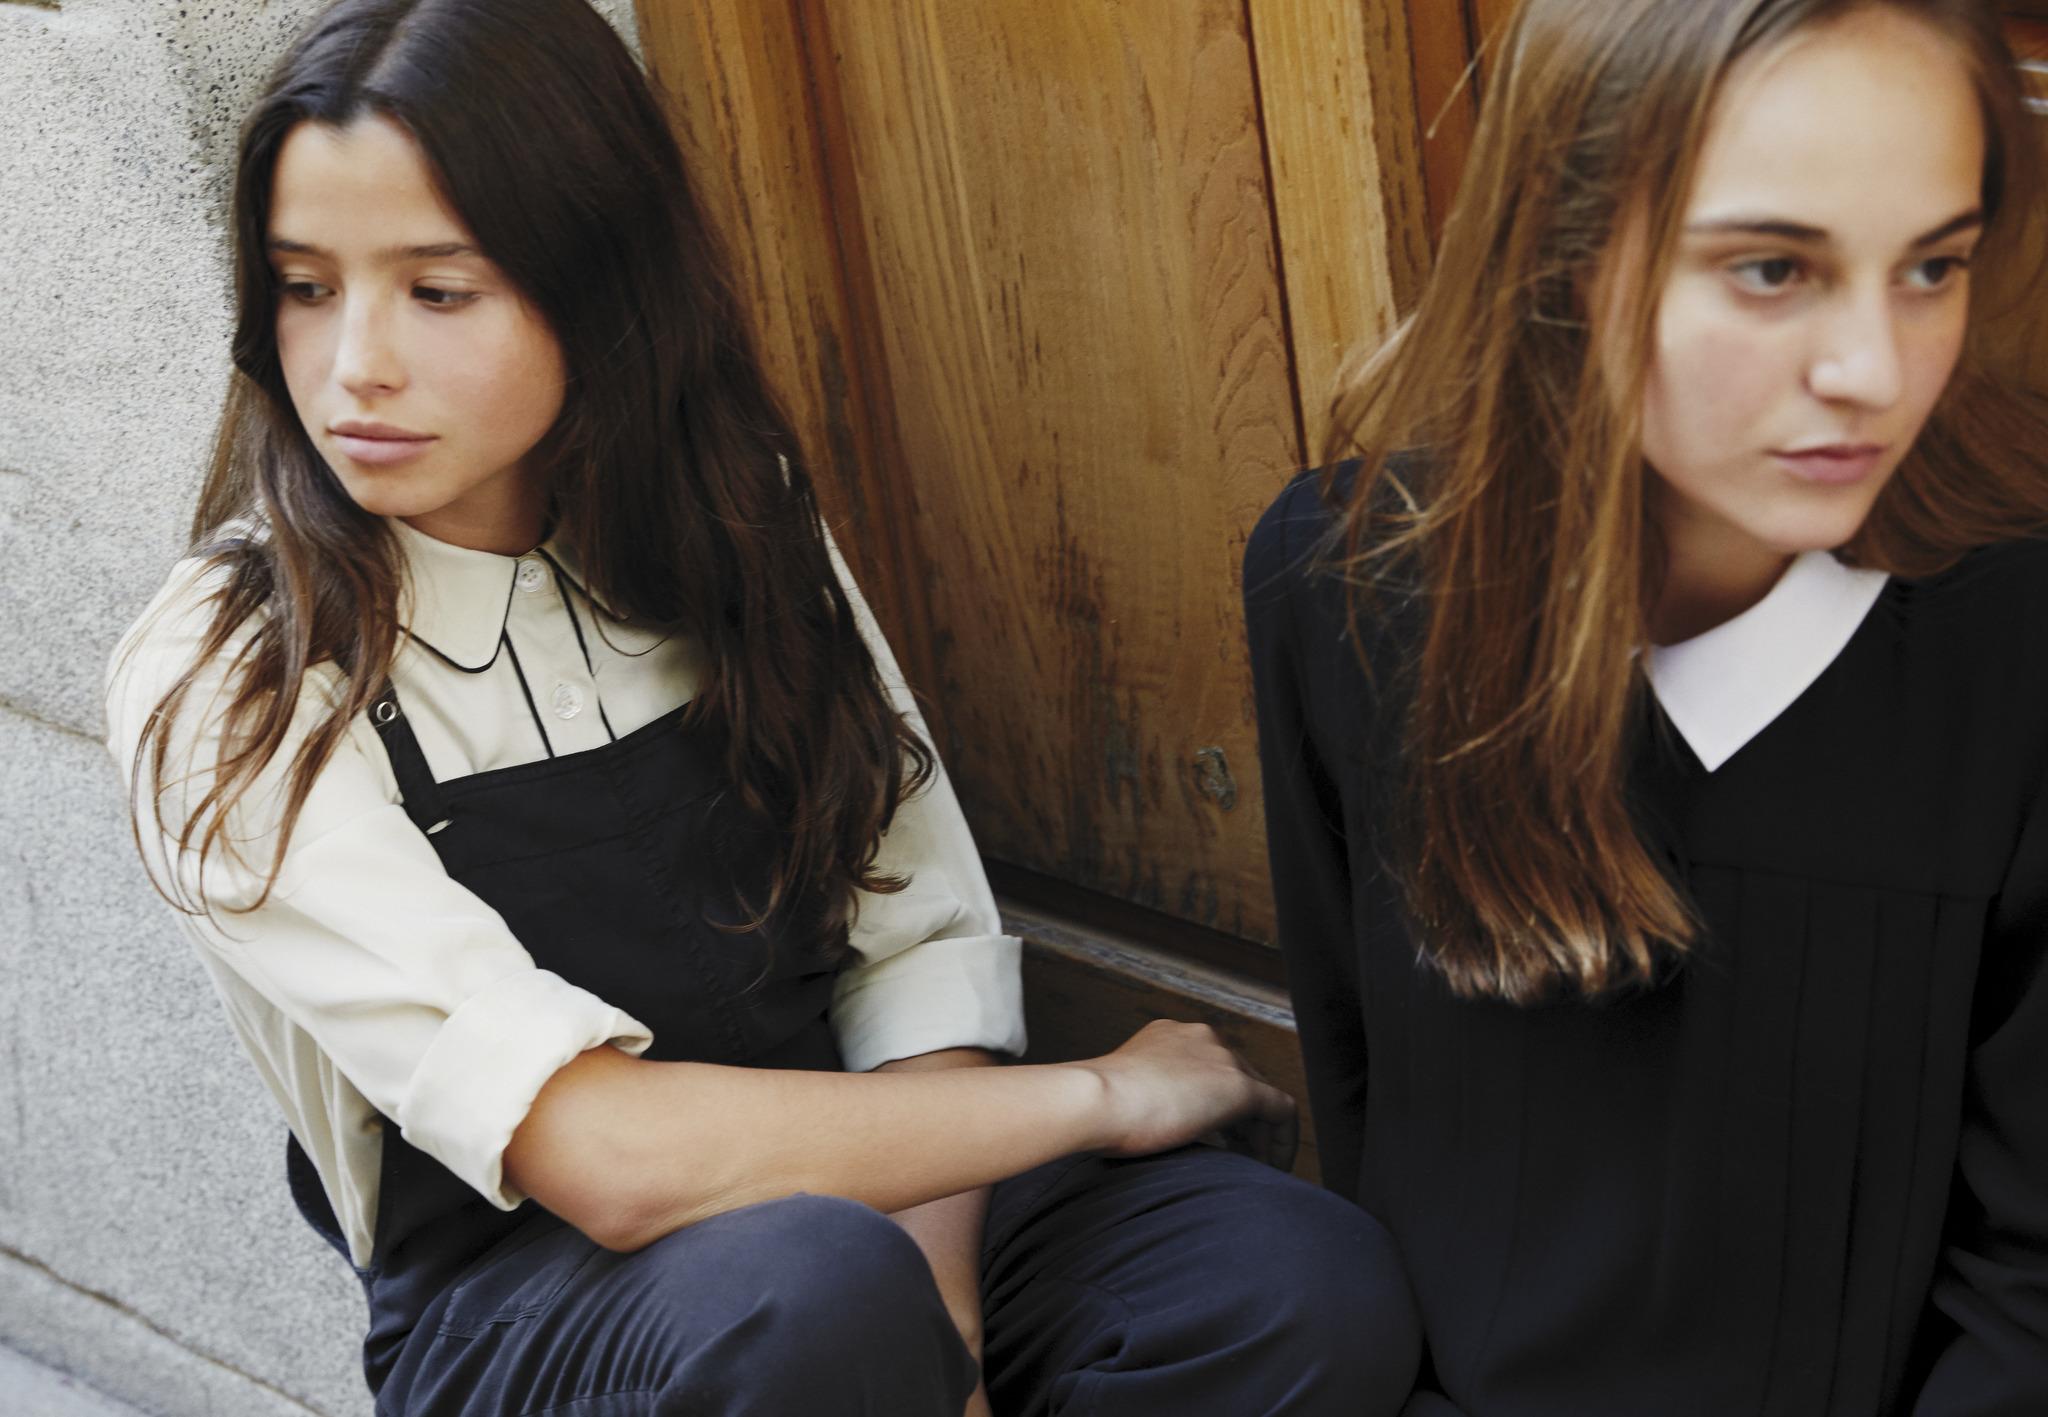 En la adolescencia vivimos bajo la tensión de lo que se establece como bello o feo.